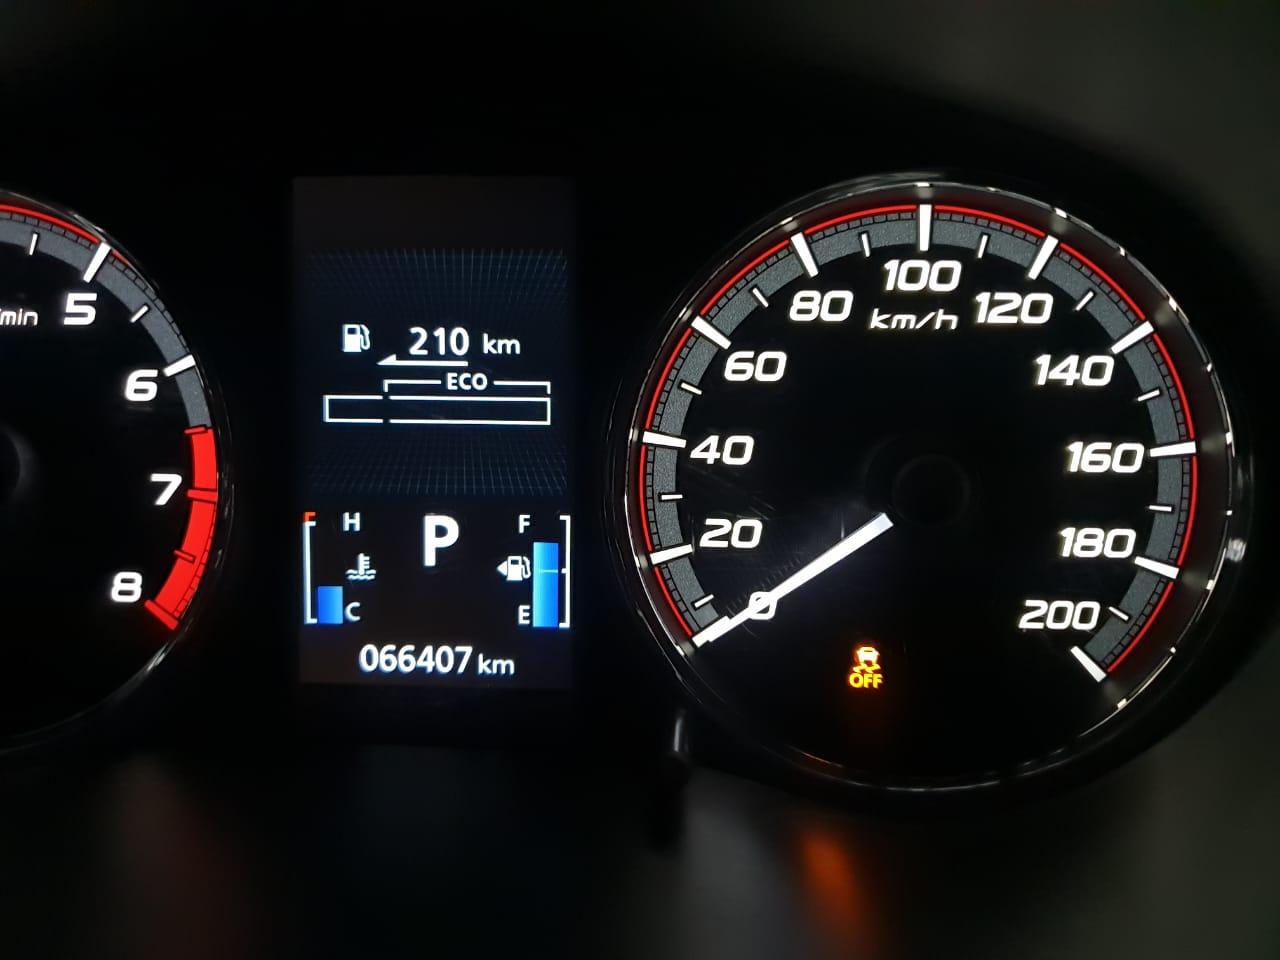 Kenali Fitur-Fitur di Mobil Mitsubishi yang Dapat Mencegah Mobil Melintir Saat Kondisi Jalan Licin